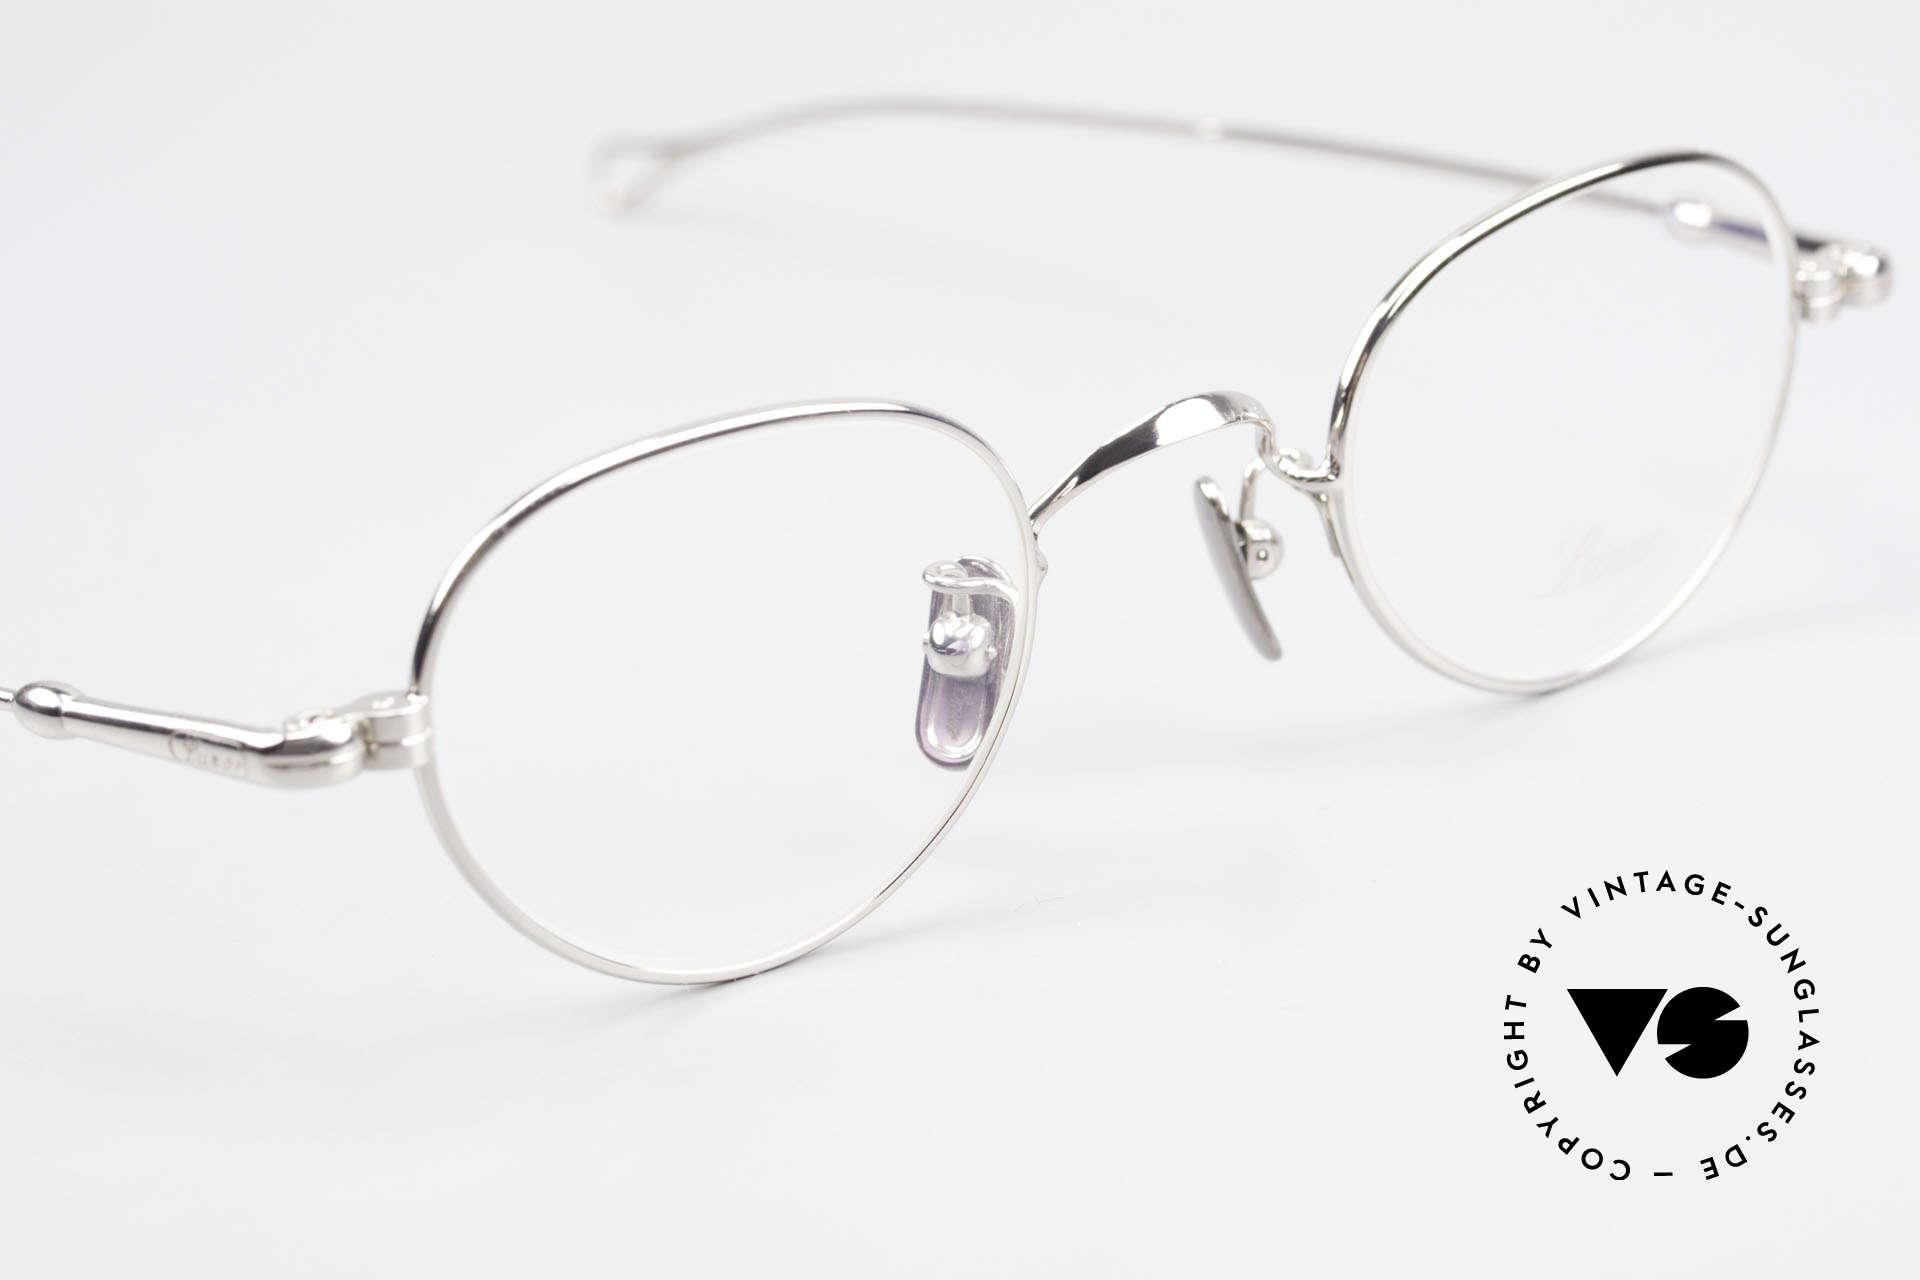 Lunor V 103 Zeitlose Lunor Brille Platin, daher jetzt erstmalig in unserem vintage Sortiment, Passend für Herren und Damen